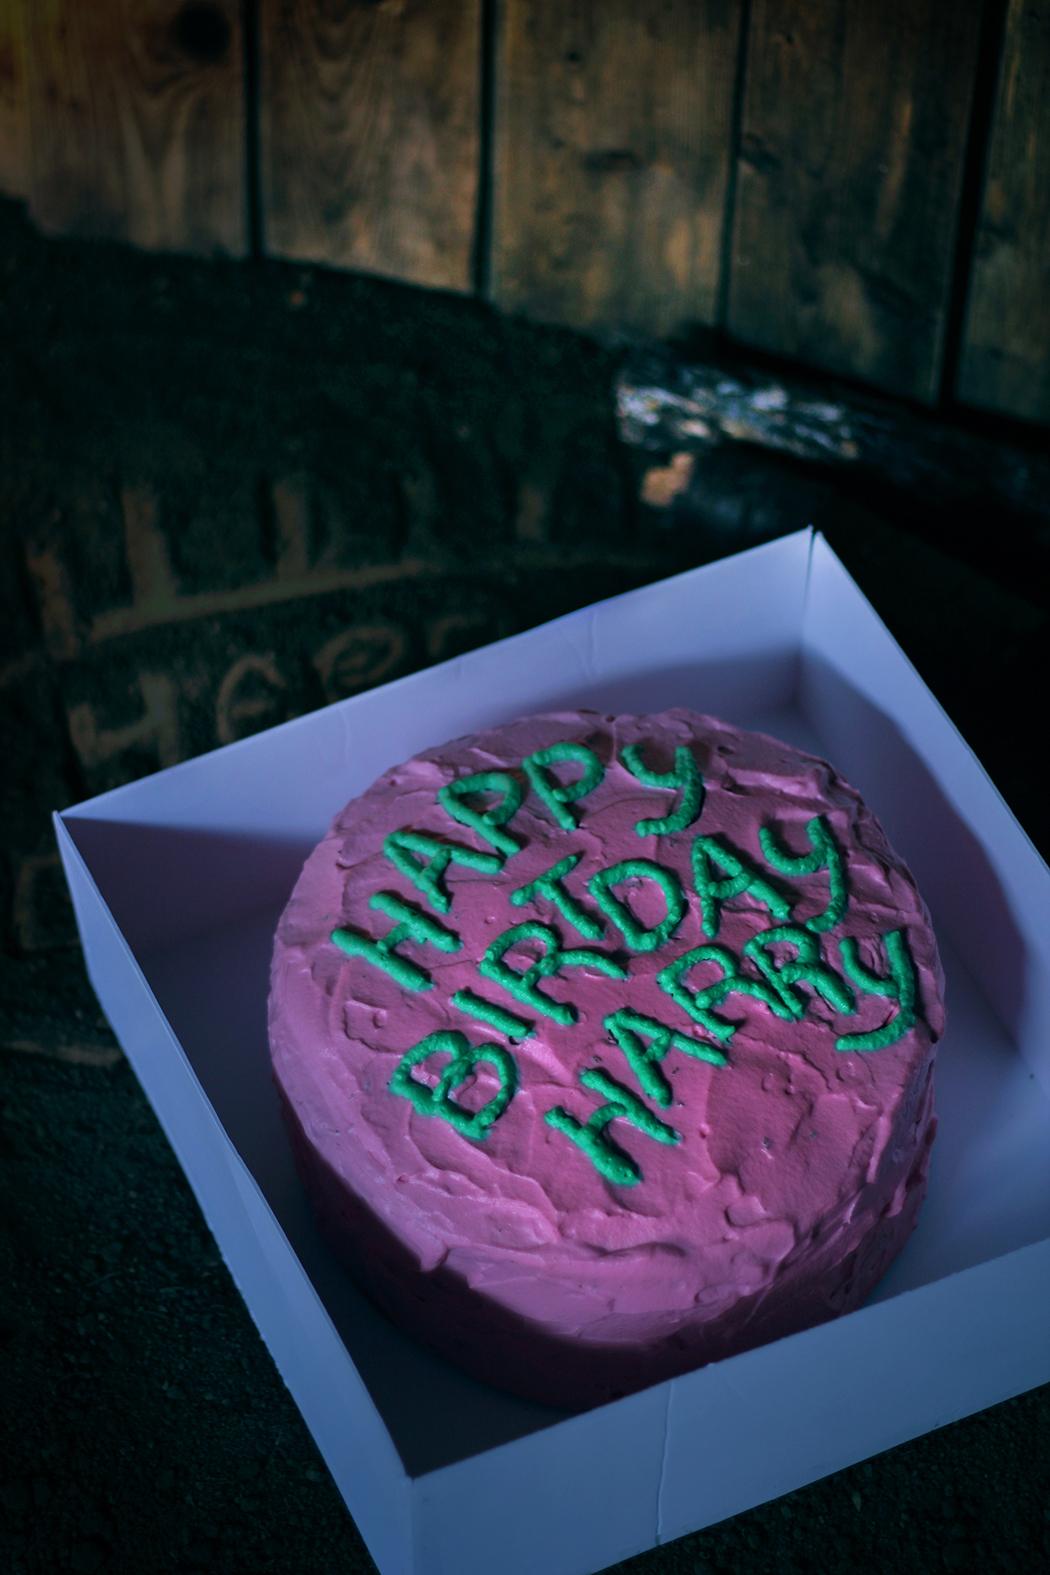 Gateau d'anniversaire Harry Potter - Juliette blog féminin